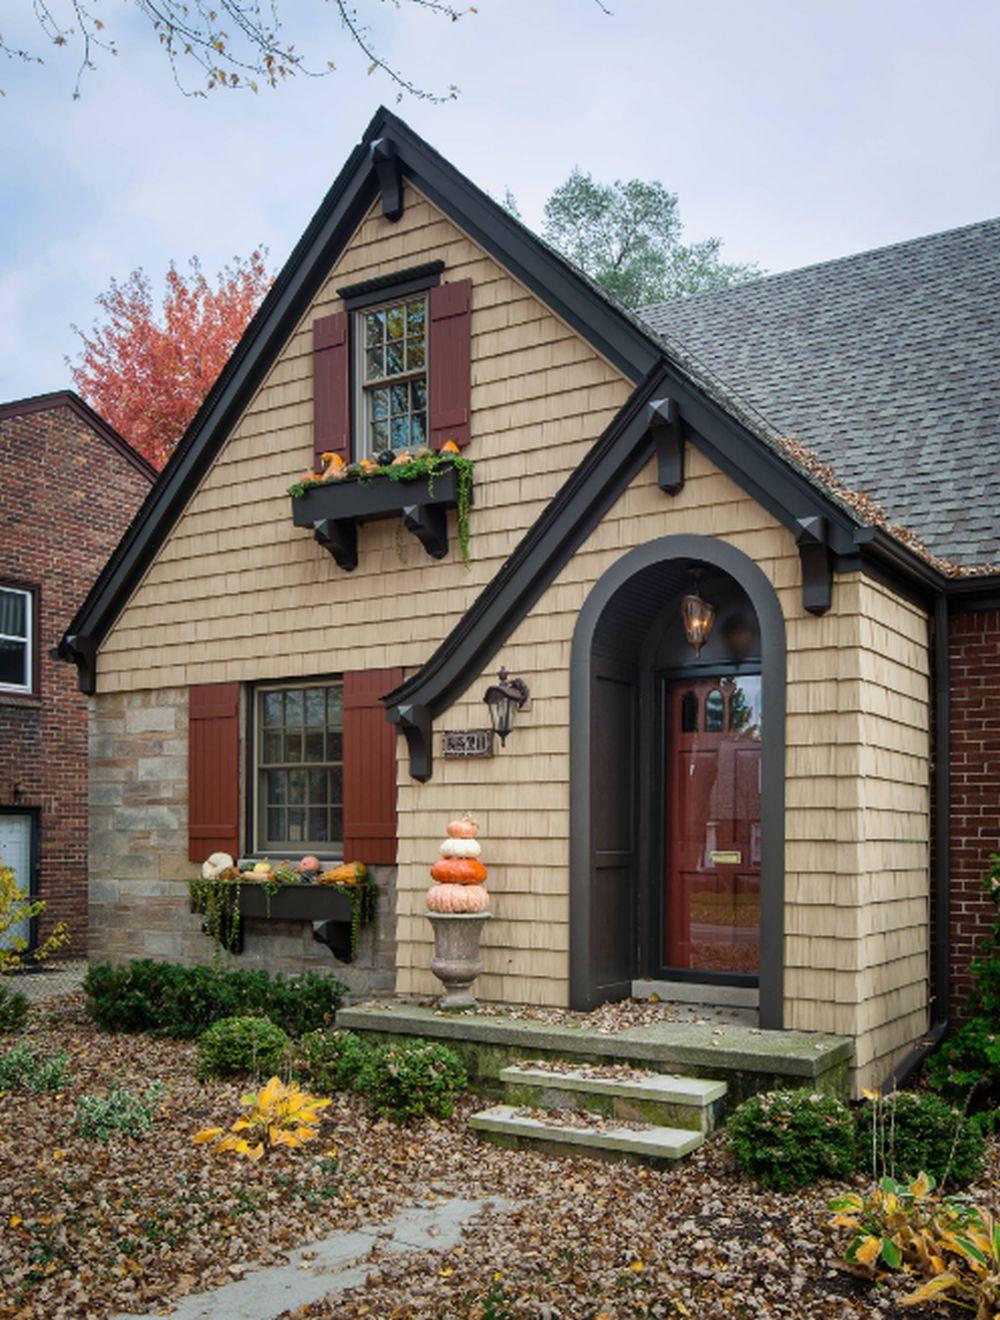 adelaparvu-com-despre-renovare-casa-bungalou-sua-design-mainstreet-design-build-foto-kate-benjamin-4